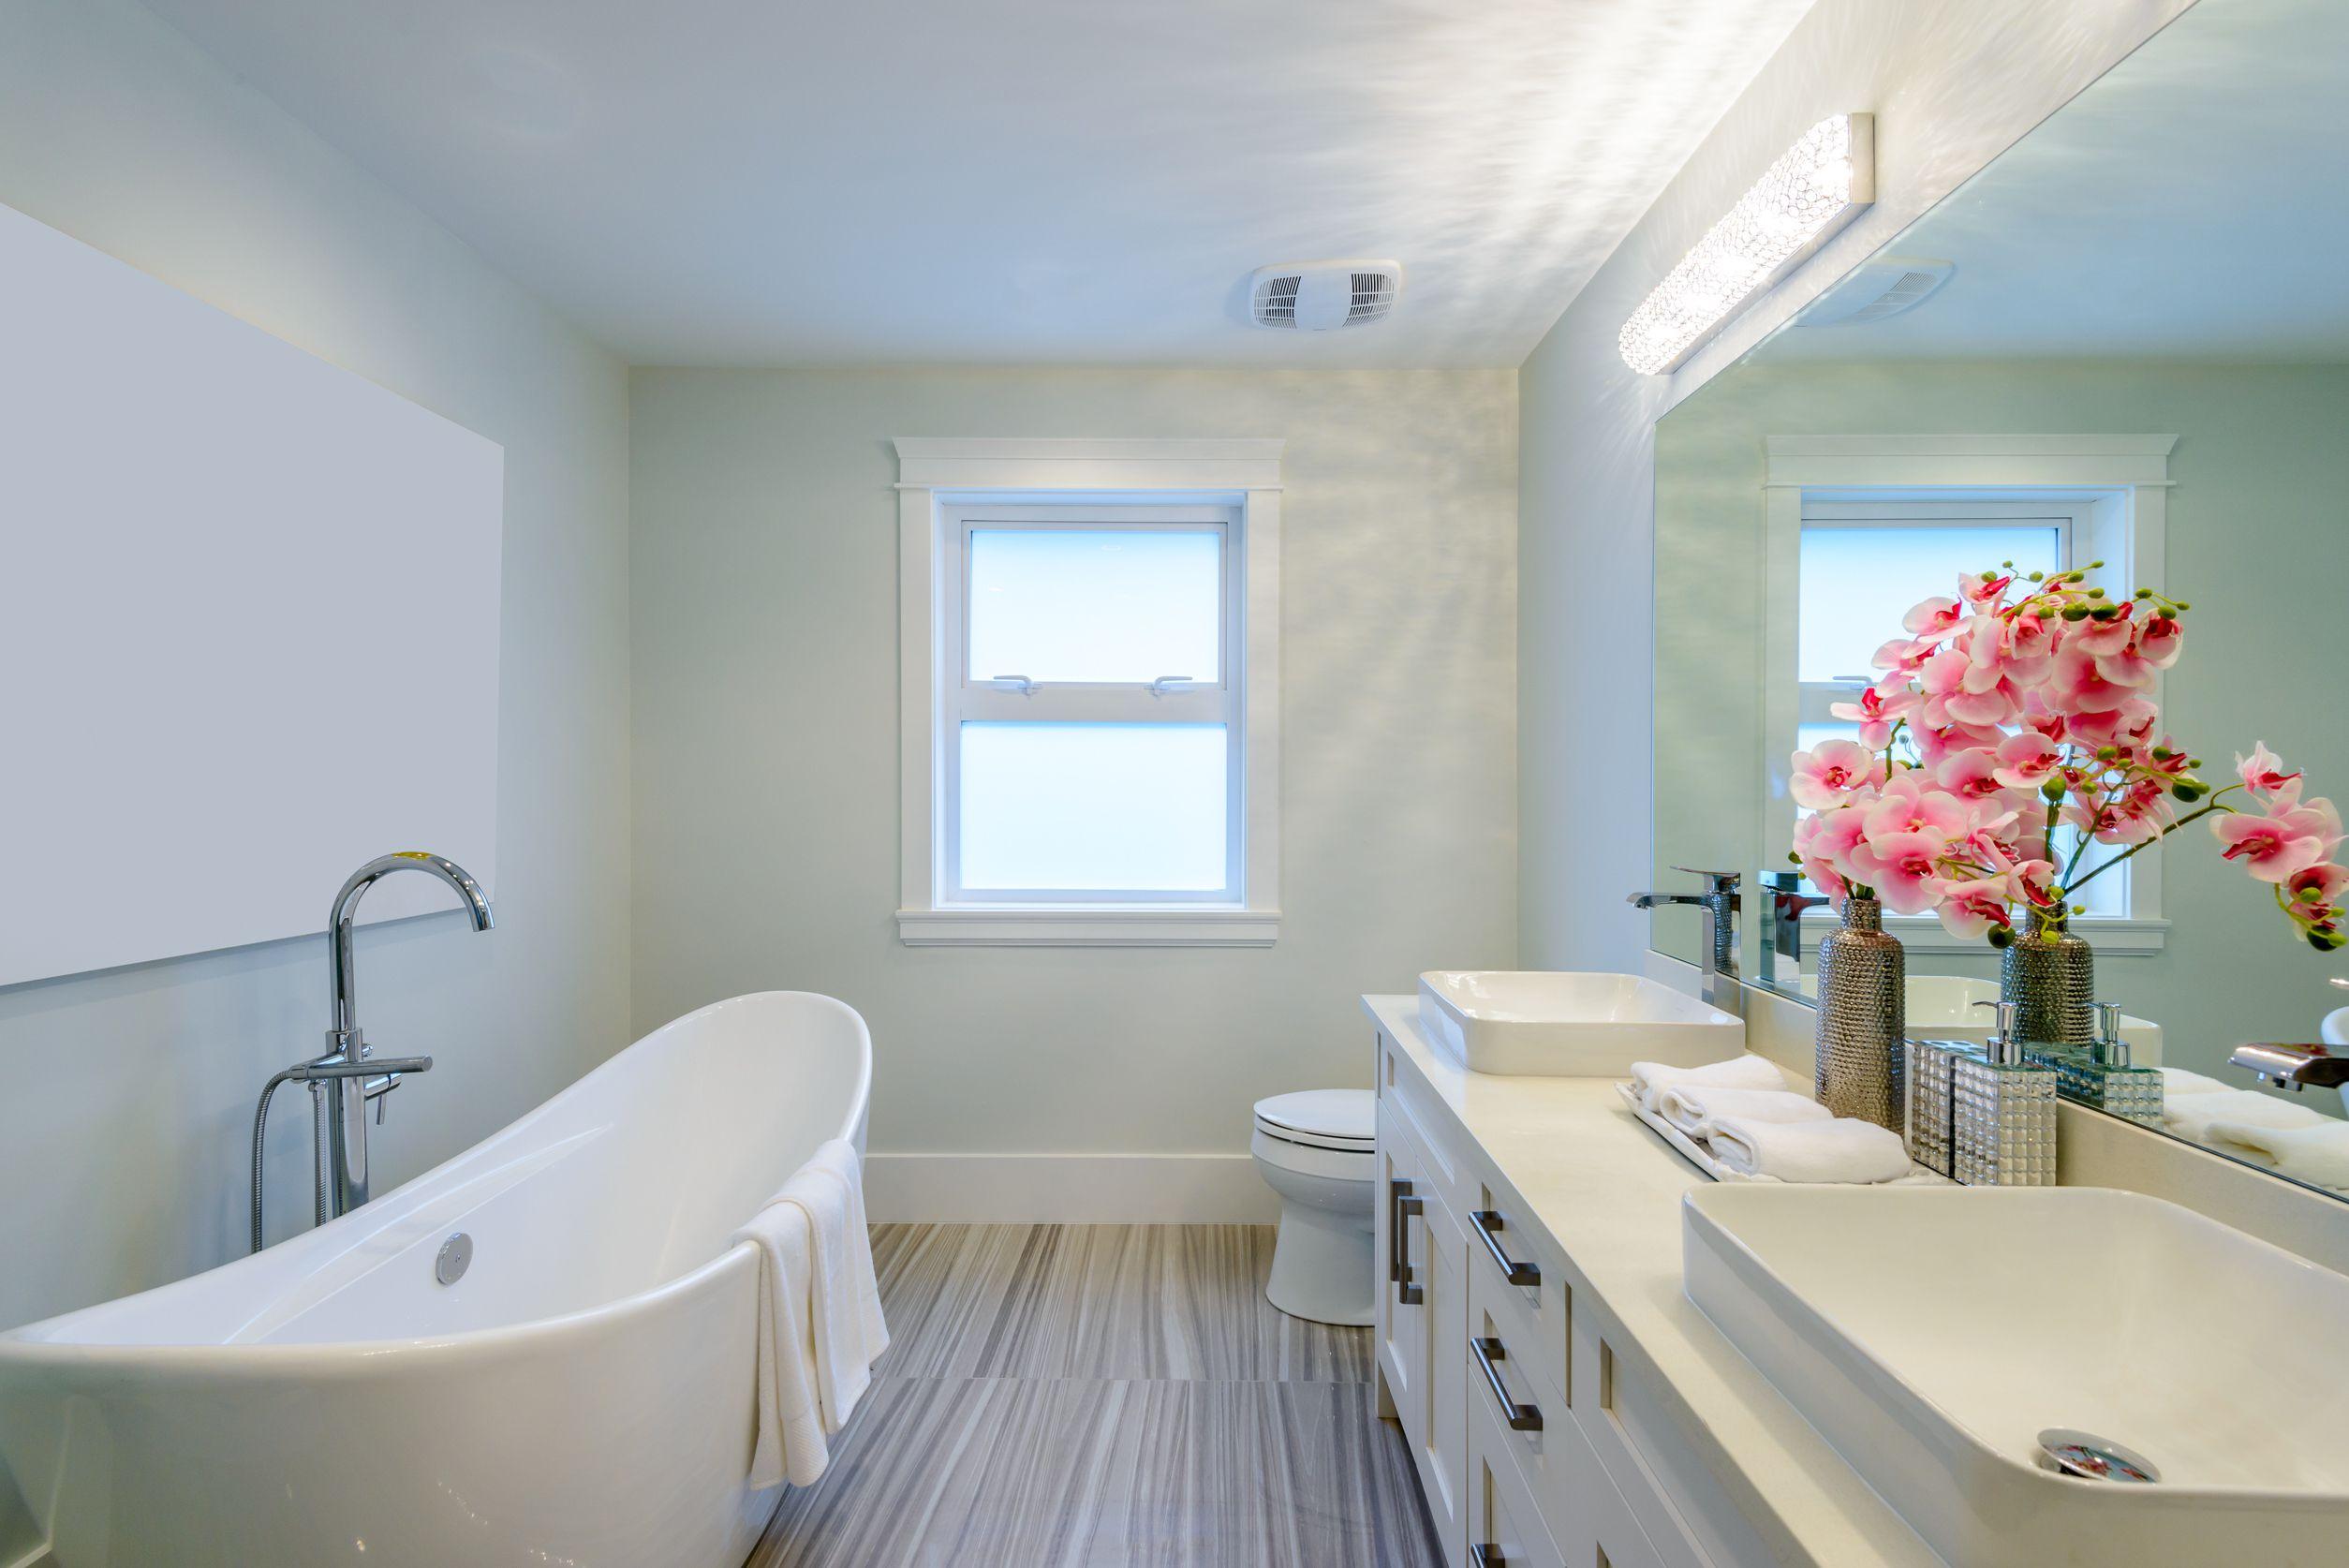 Bathroom remodeling encino - Encino Bathroom